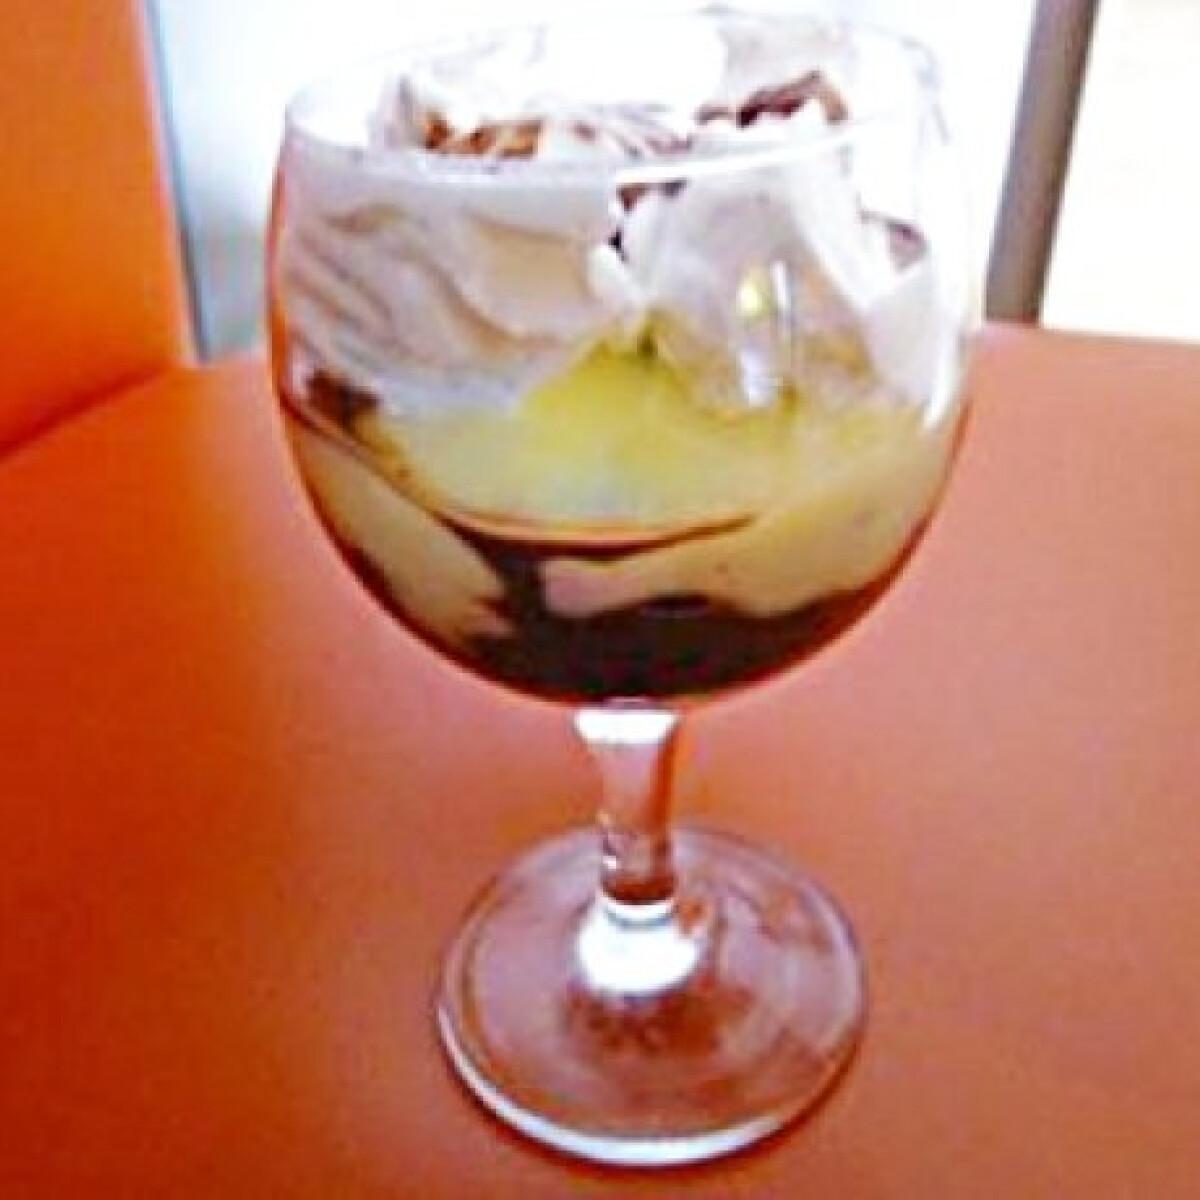 Poharas somlói galuska dió nélkül